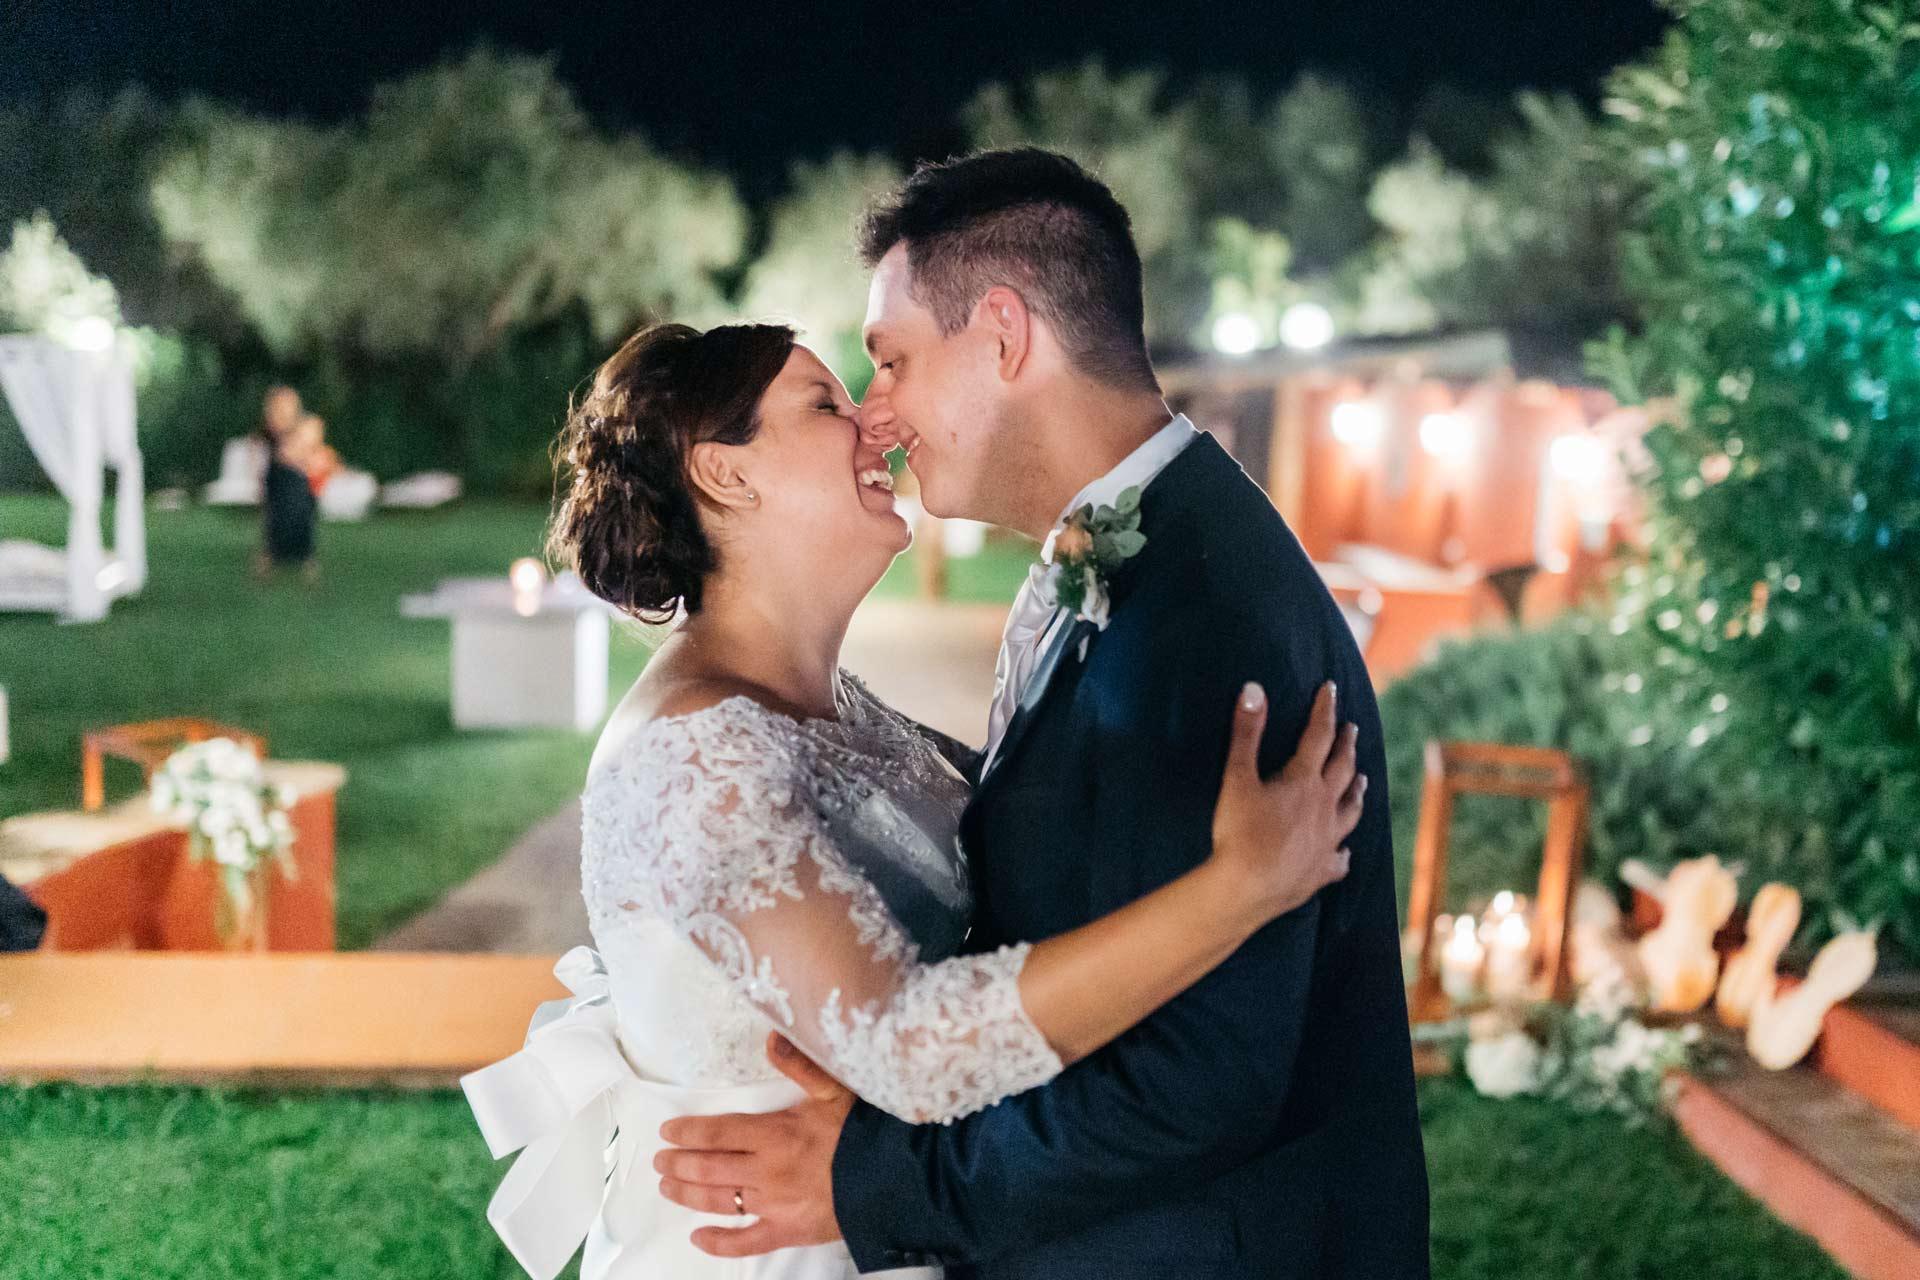 fotografo-matrimoni-villaggio-martini-s&g-8